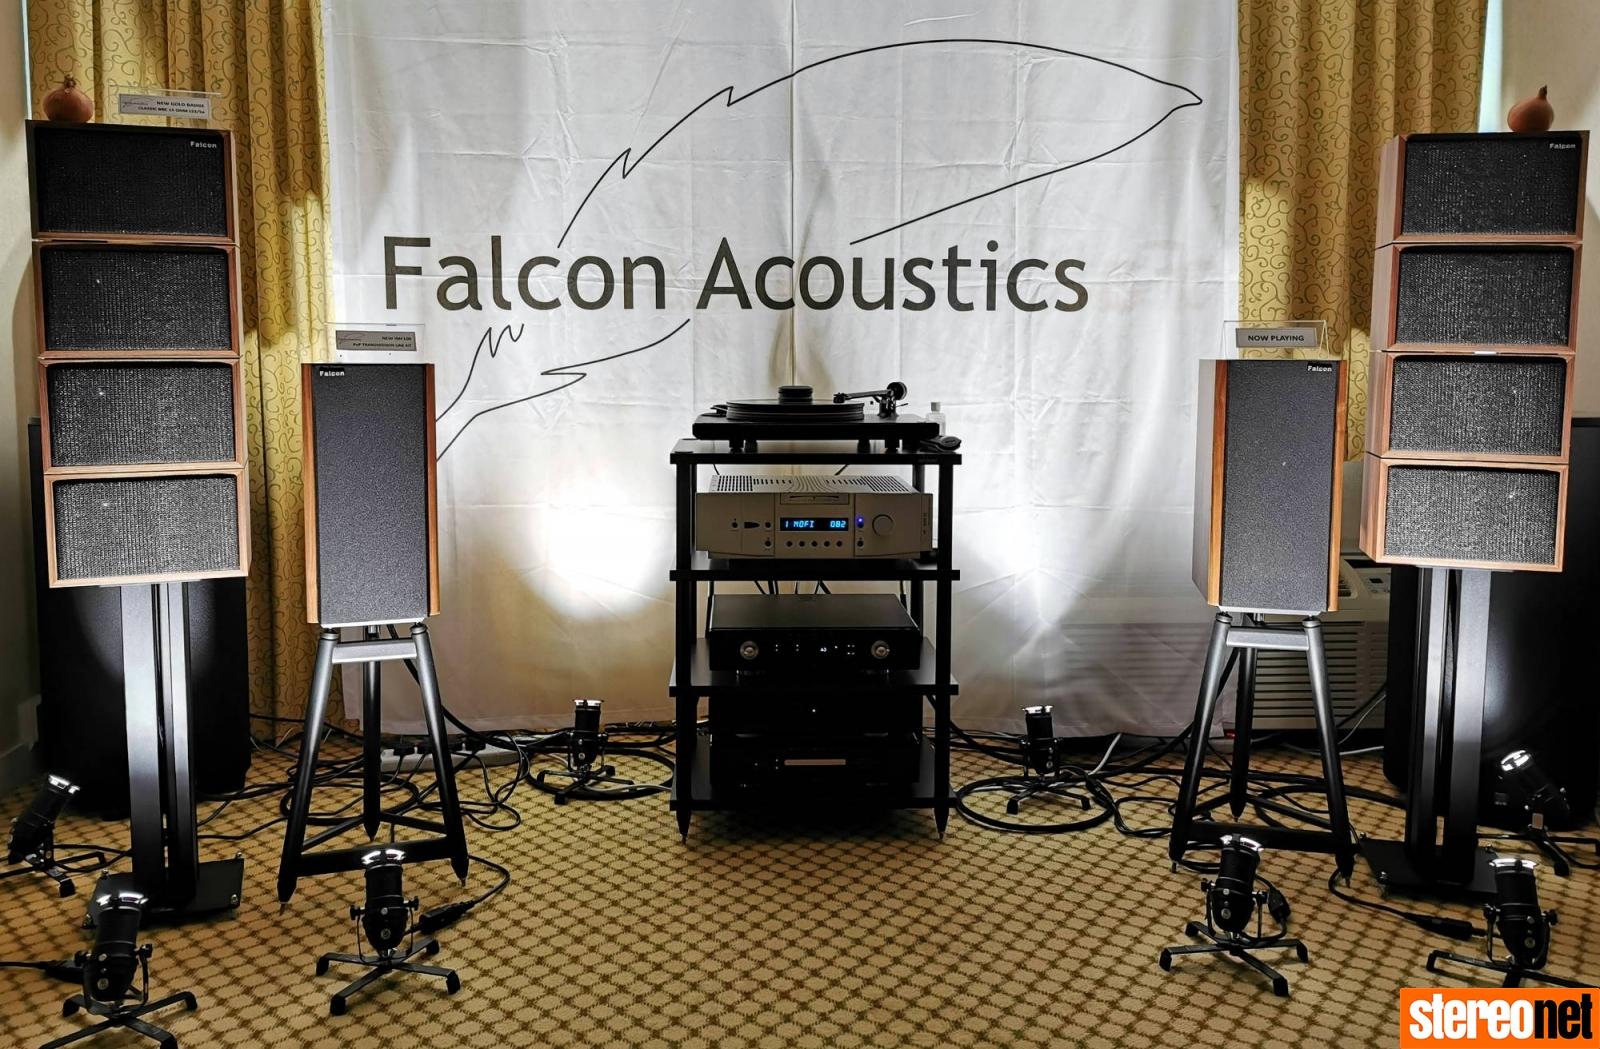 Falcon Acoustics Bristol hifi show 2020 report